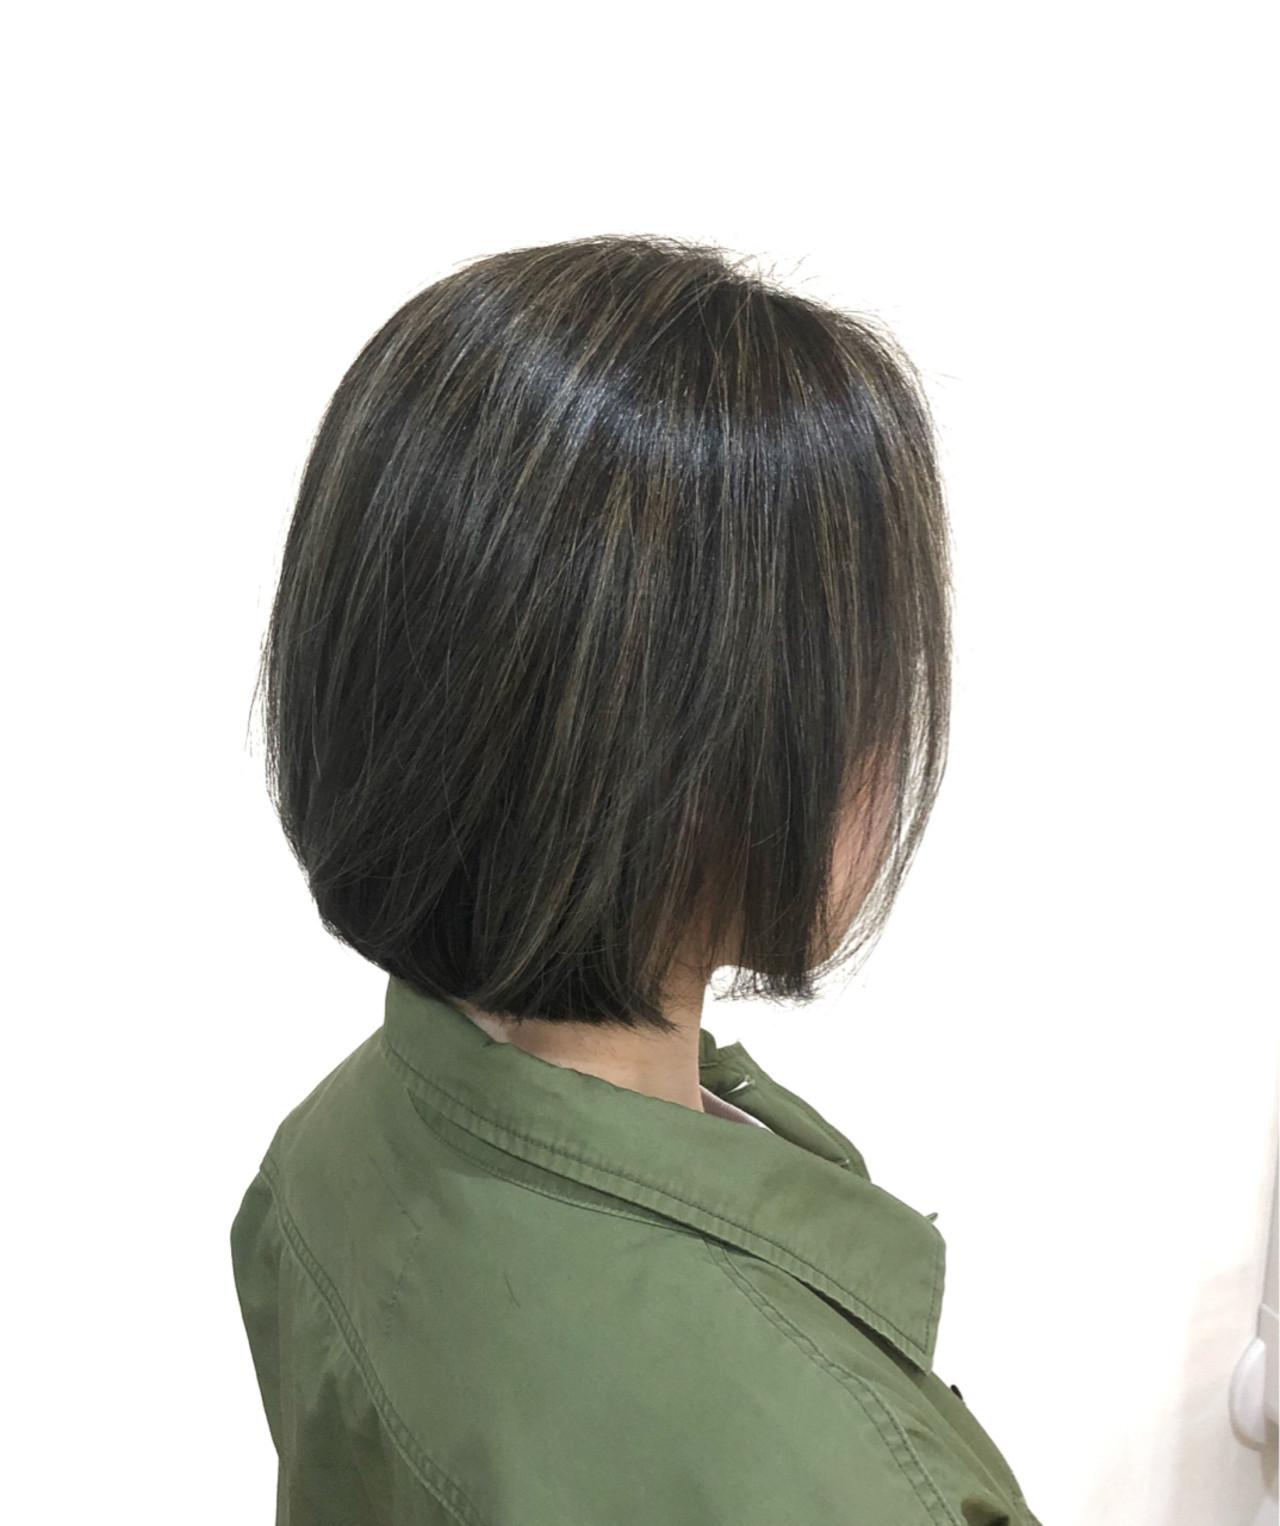 外国人風 ボブ 切りっぱなし ハイライト ヘアスタイルや髪型の写真・画像